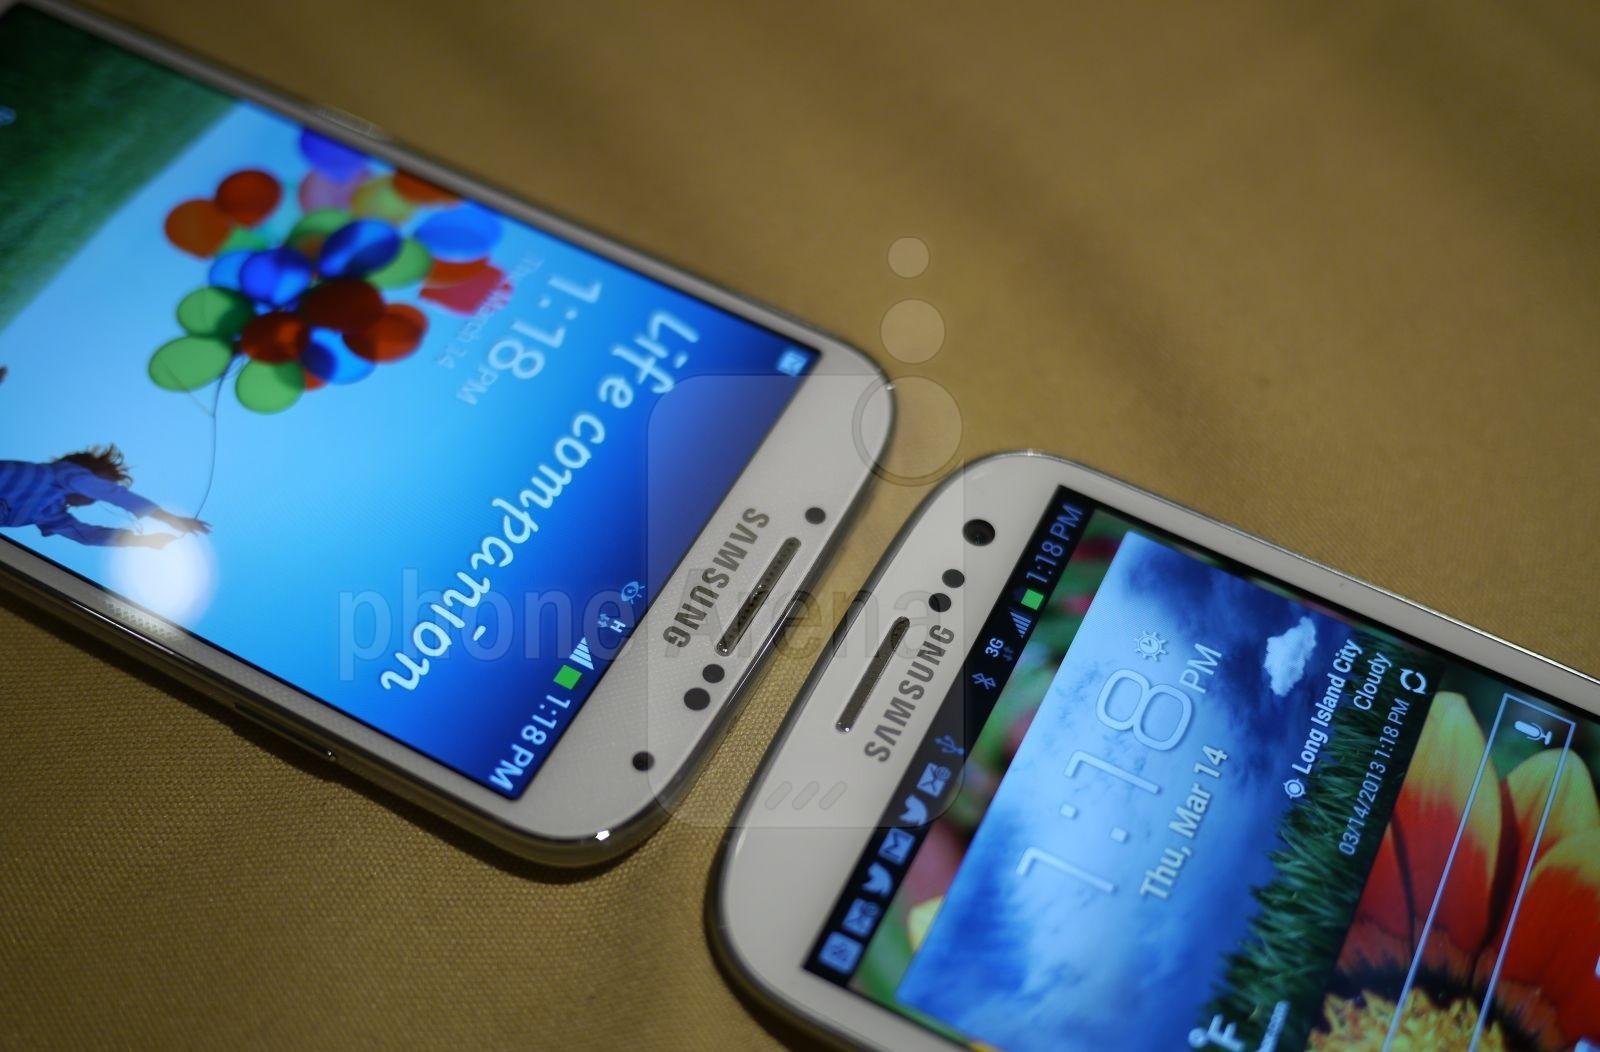 1363472279_samsung-galaxy-s-4-vs-galaxy-s-3-12.jpg